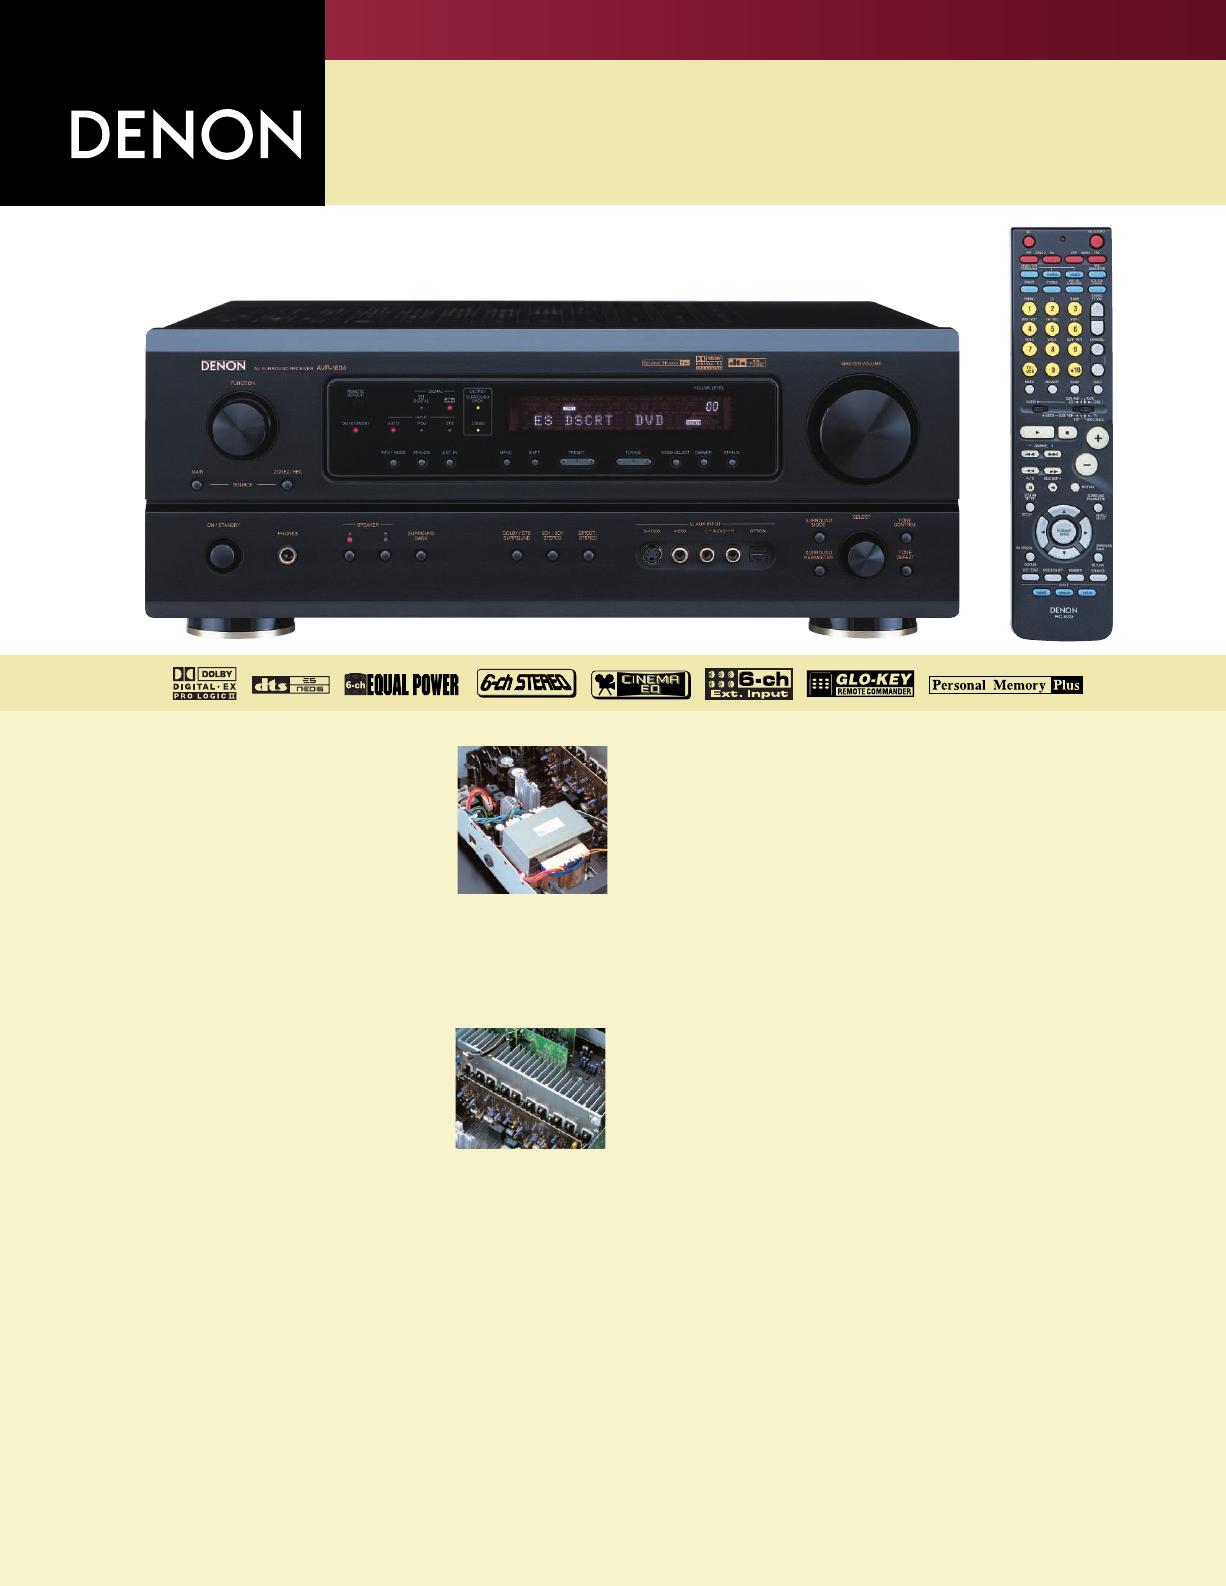 denon stereo system avr 1804 user guide manualsonline com rh audio manualsonline com Denon Stereo Amplifier Audio Amp 2200 Denon Power Amps